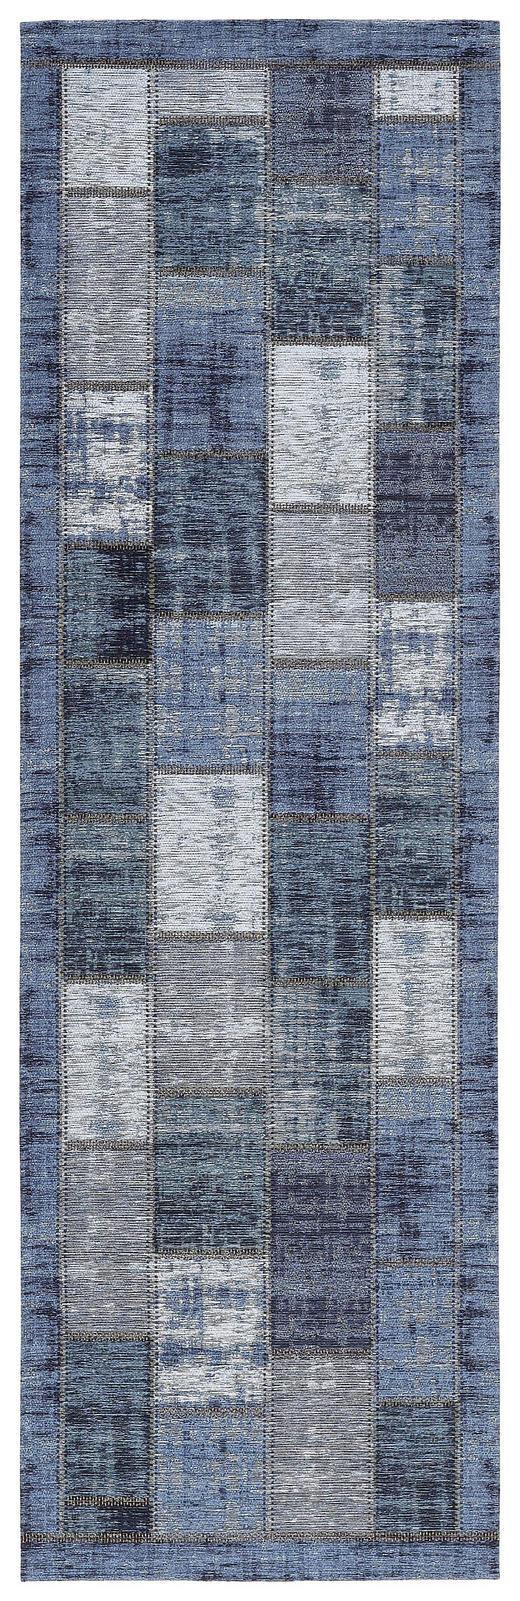 LÄUFER  68/220 cm  Blau - Blau, Basics, Textil (68/220cm) - Novel